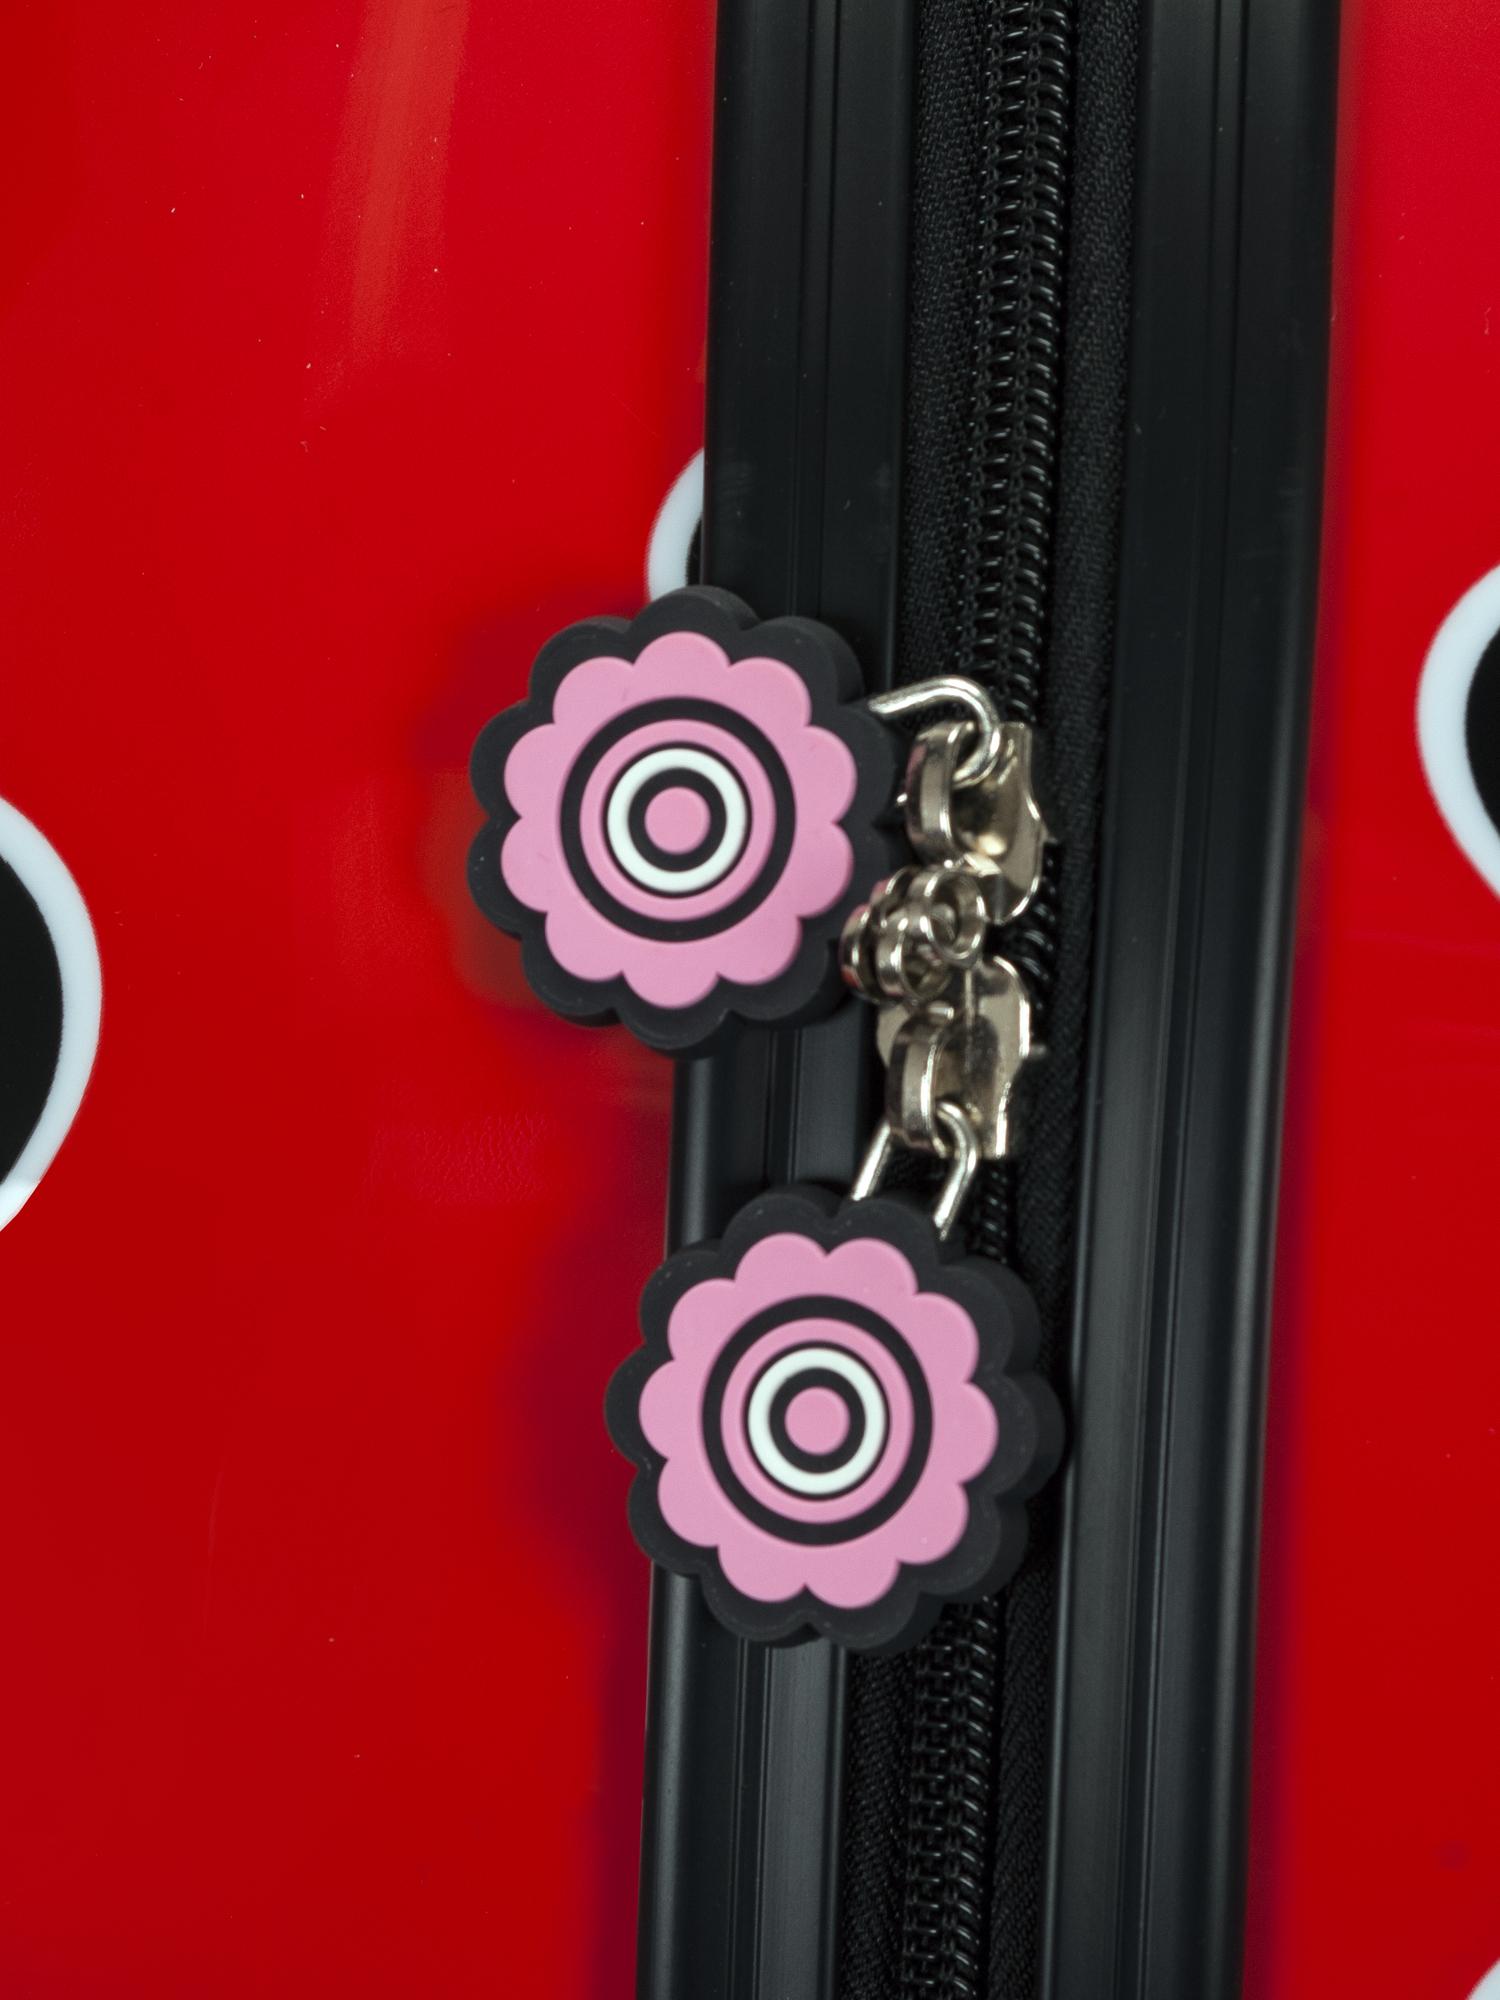 B02-LADYBUG zippers